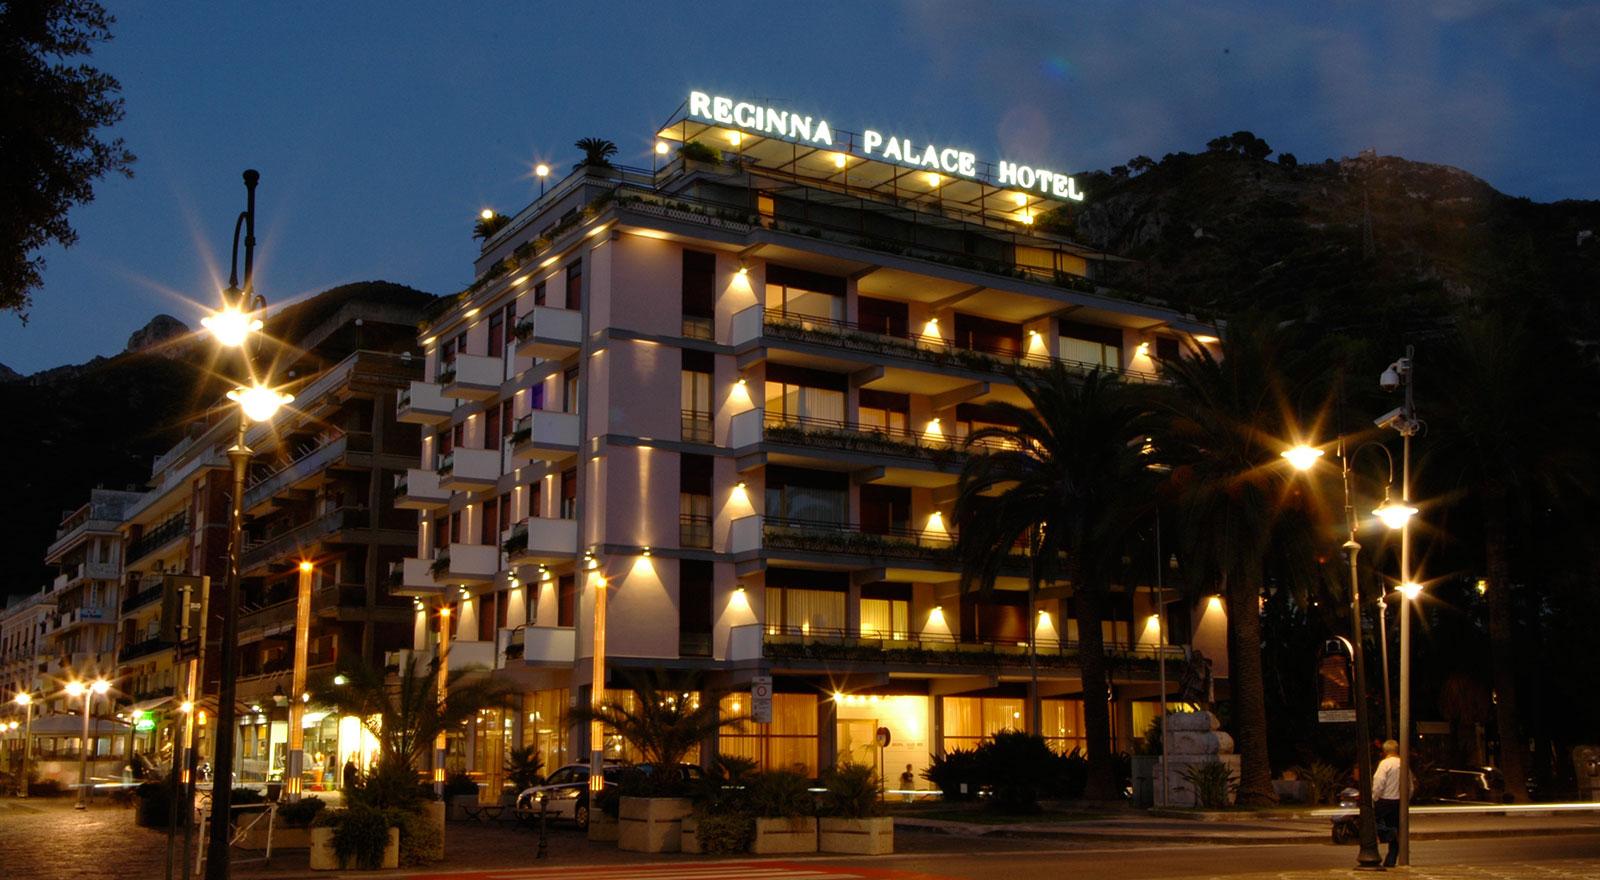 Hotel Reginna Palace Maiori